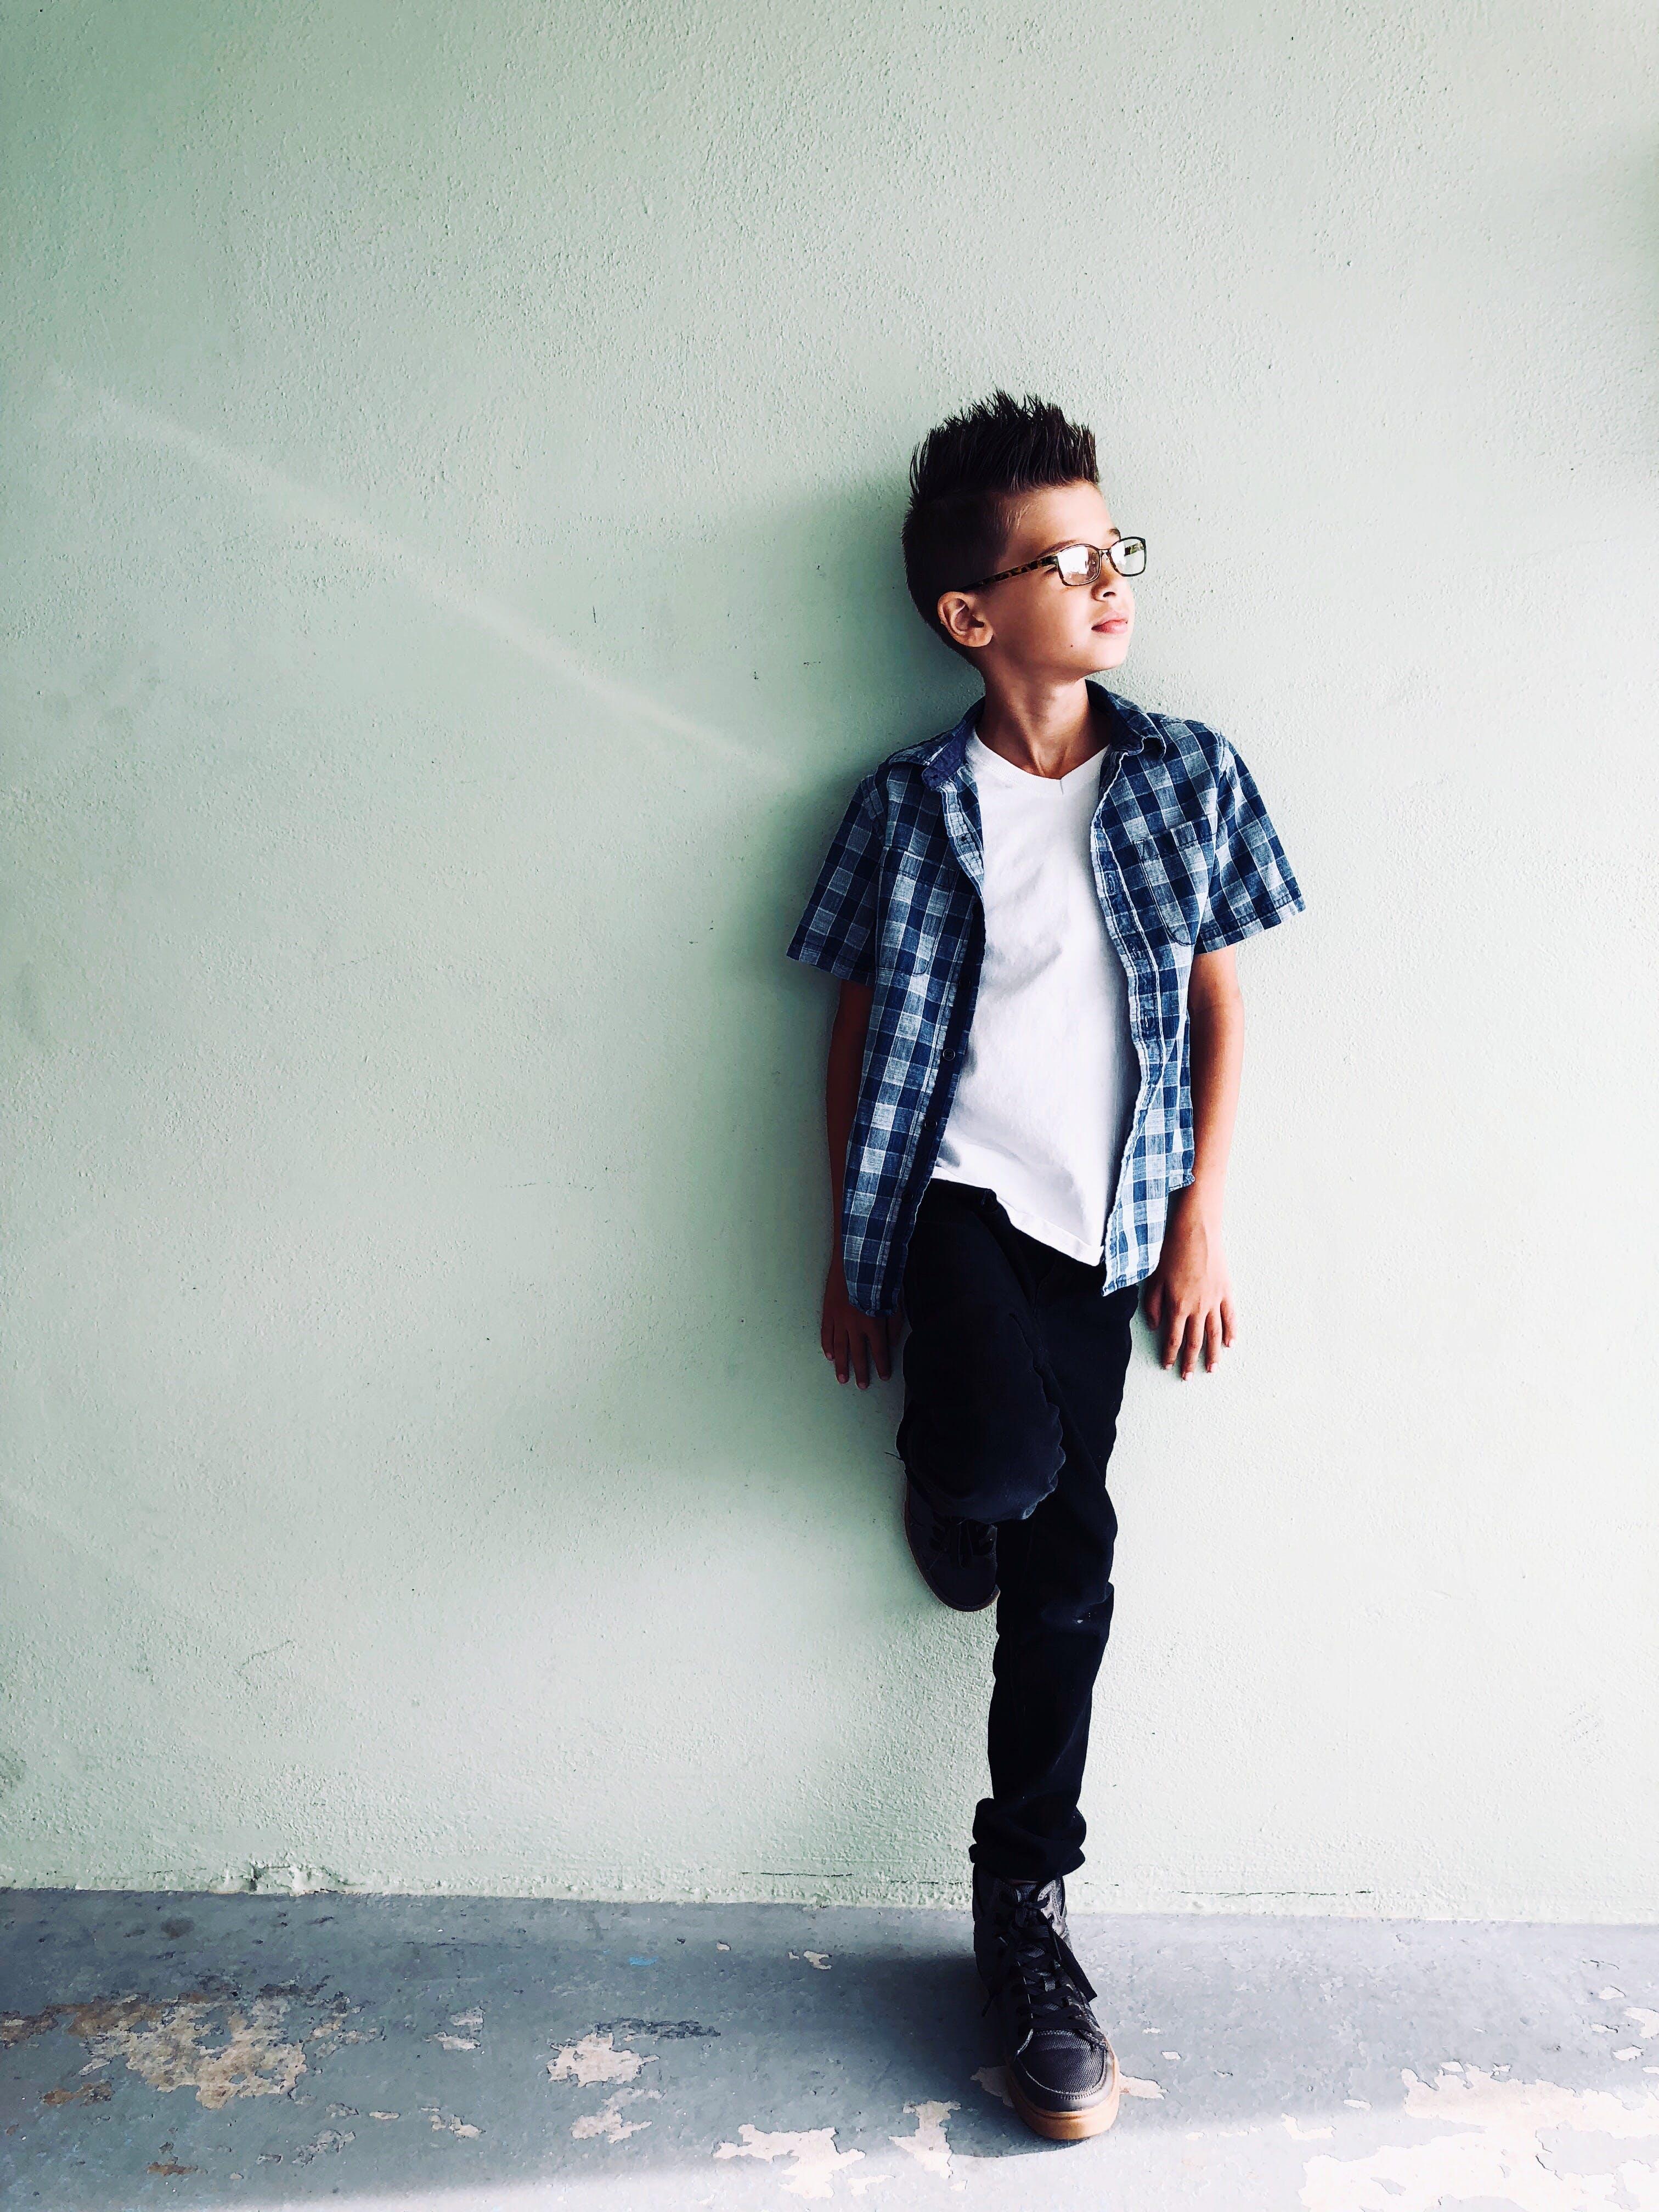 Boy In White V-neck Shirt